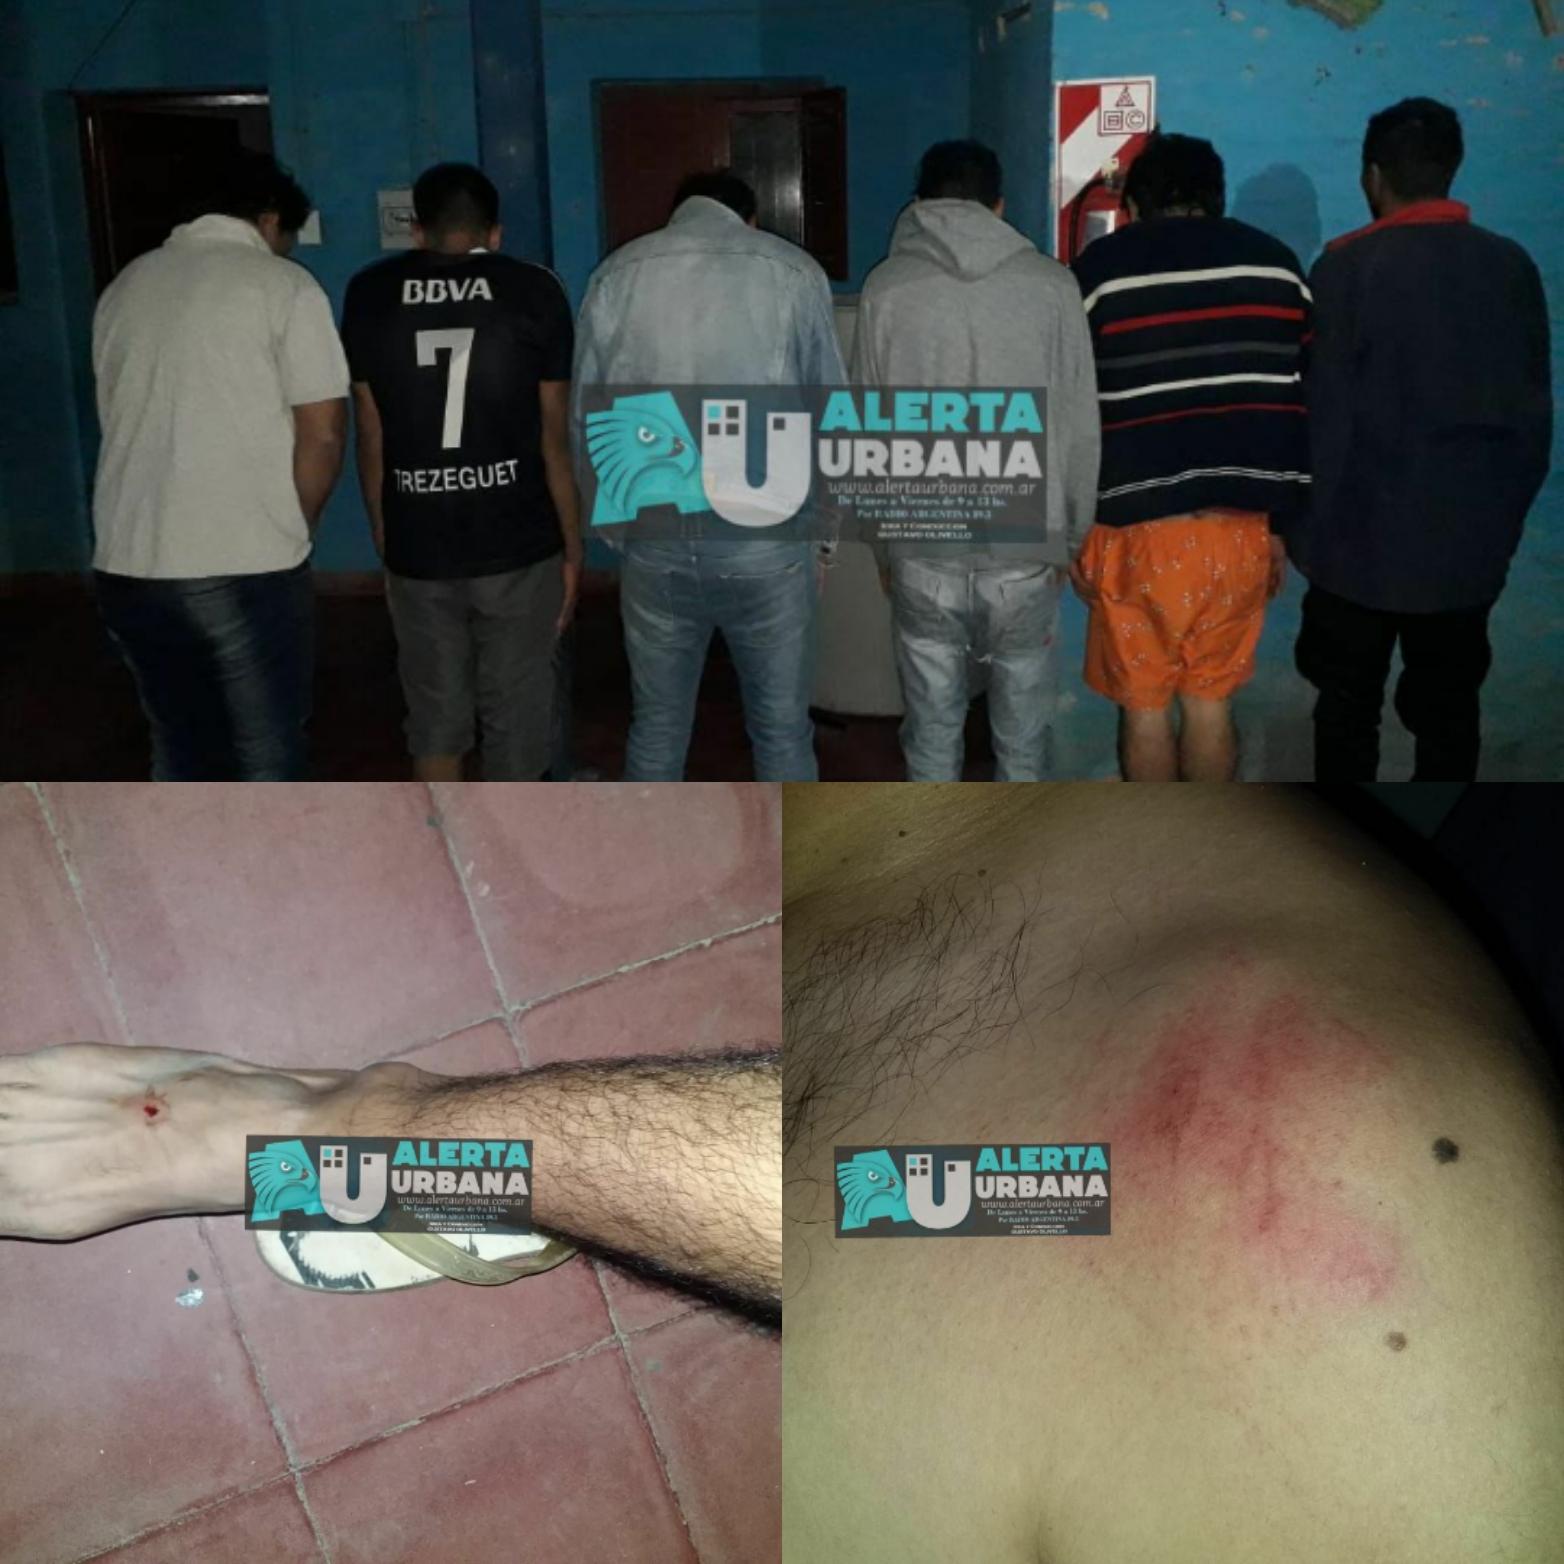 Capitan Solari: Desorden deja un saldo de cuatro policías lesionados